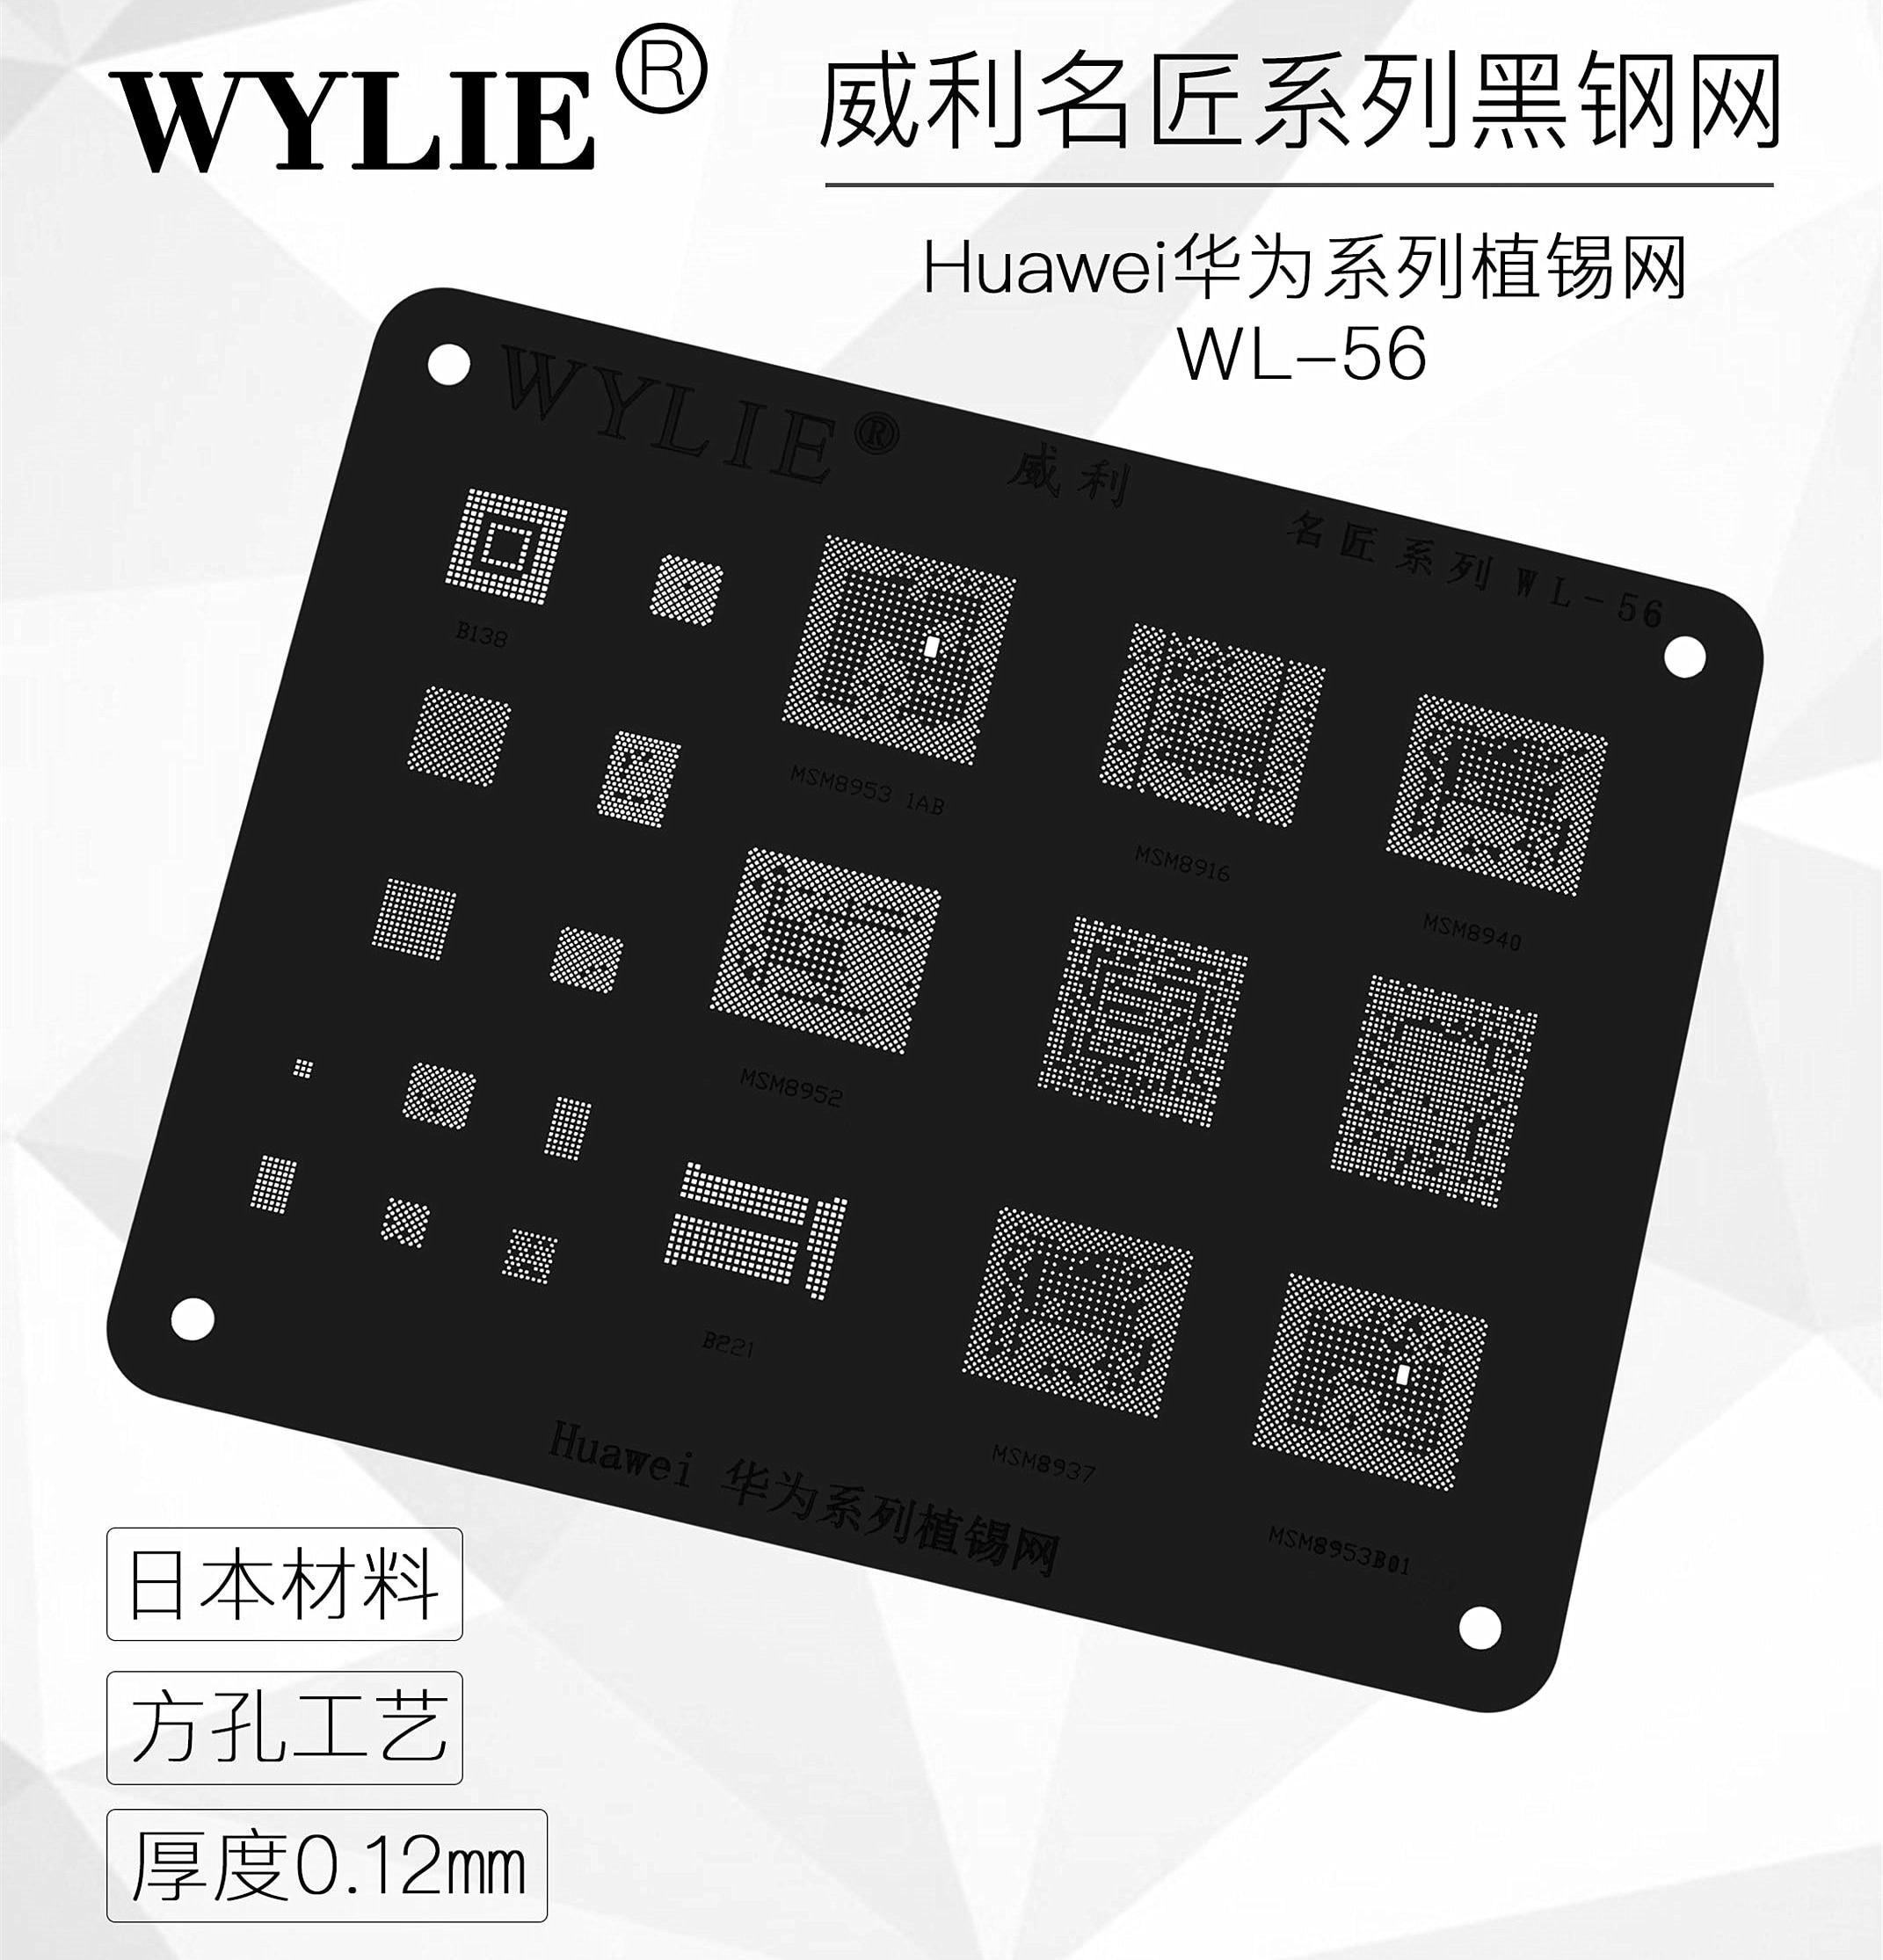 Wylie BGA Reballing Stencil for Huawei CPU NAND Power IC Chip MSM8916 MSM8940 MSM8953 1AB MSM8952 MSM8937 MSM8953 B01 BGA221 1